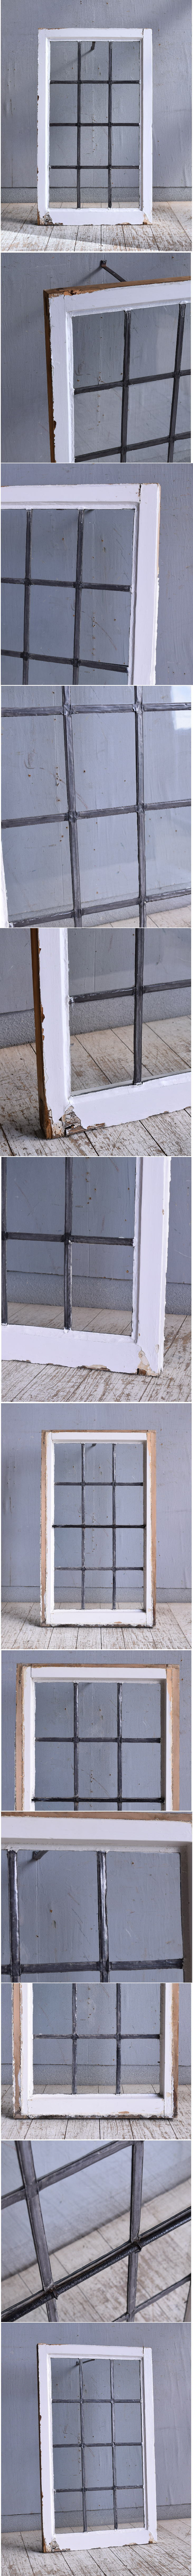 イギリス アンティーク 窓 無色透明 9395